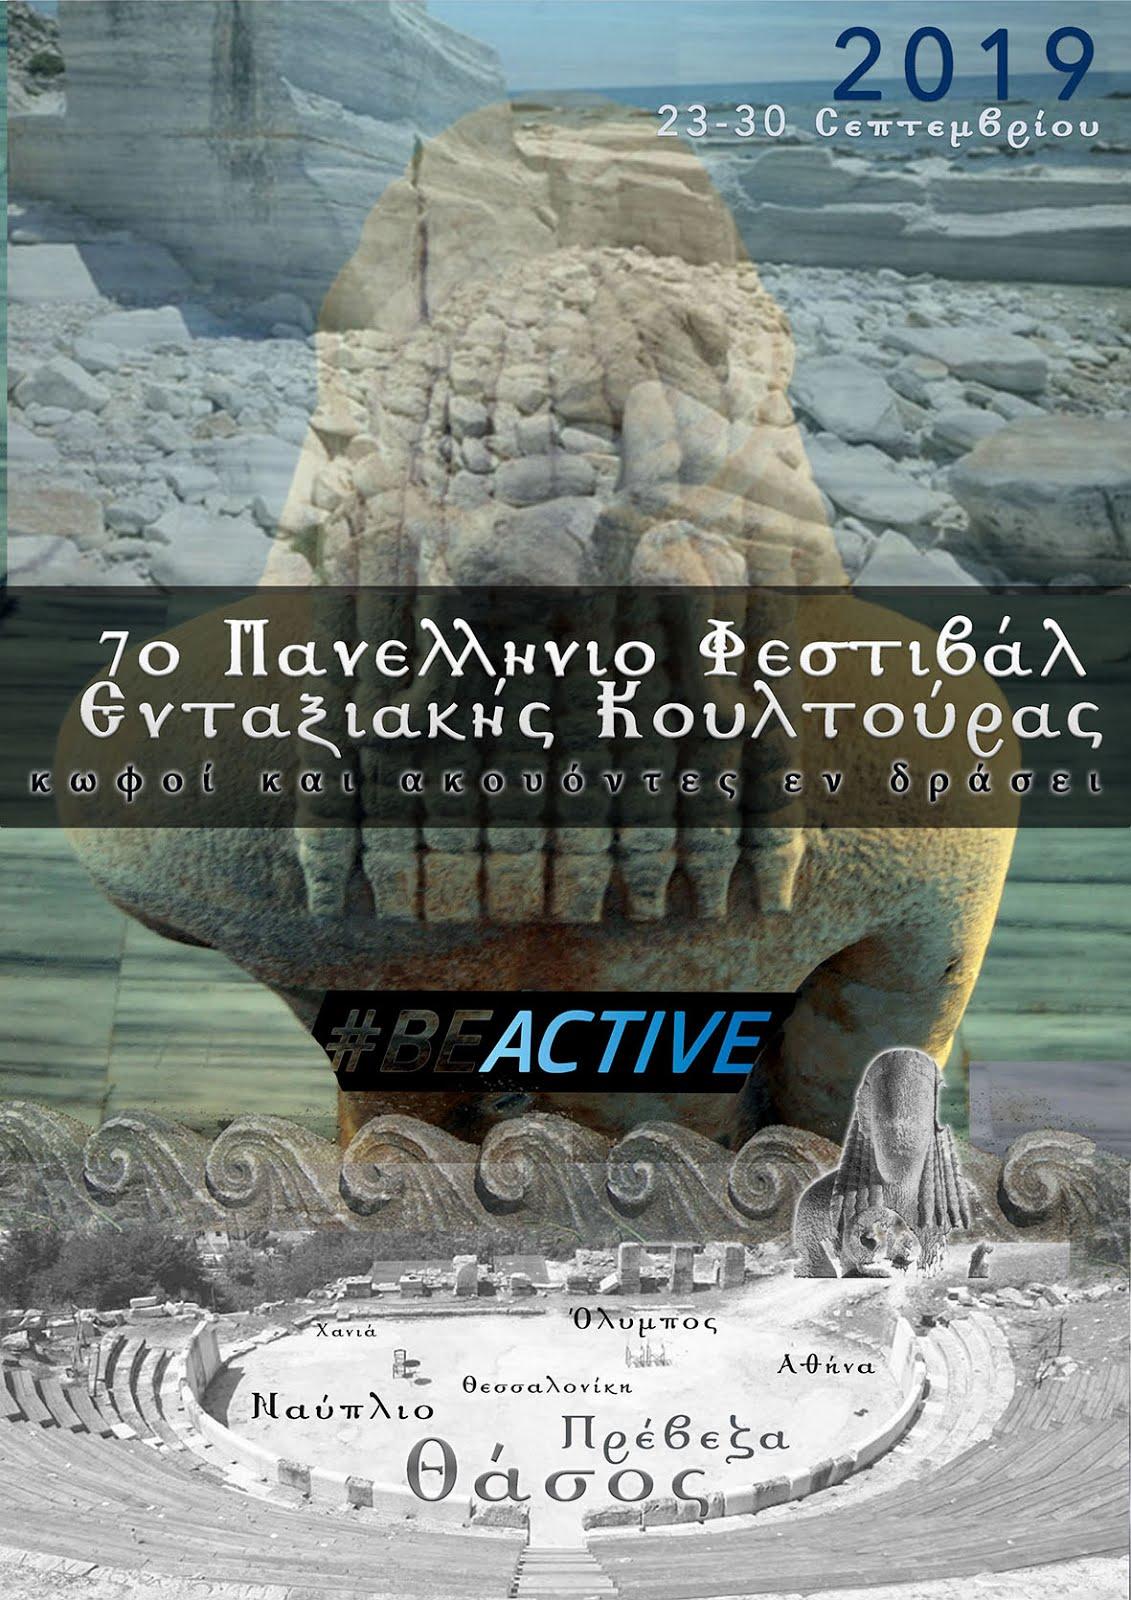 7ο Πανελλήνιο Φεστιβάλ Ενταξιακής Κουλτούρας ΚΩΦΟΙ & ΑΚΟΥΟΝΤΕΣ ΕΝ ΔΡΑΣΕΙ